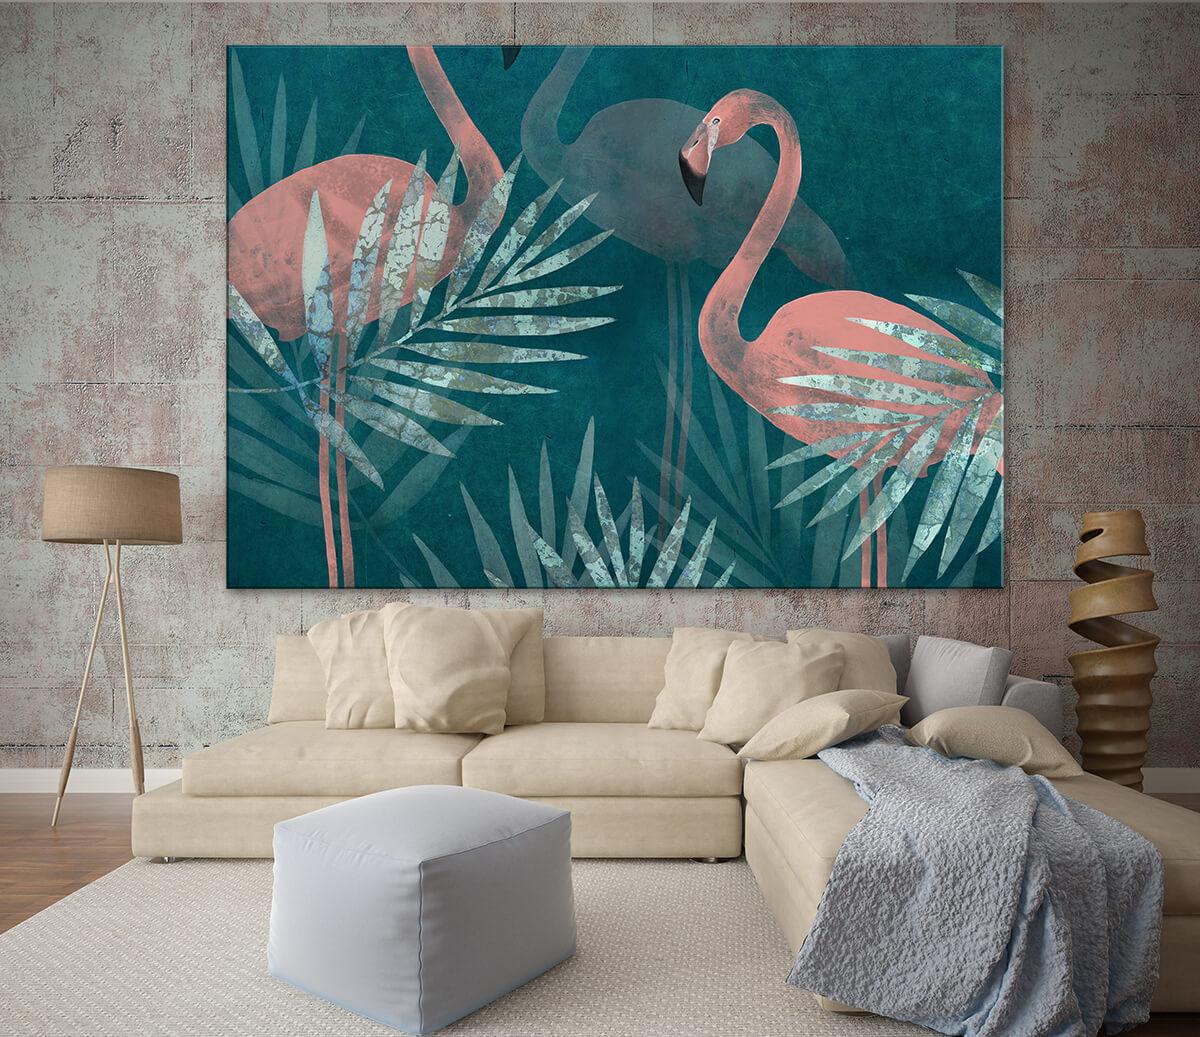 dekoracja ścienna w stylu egzotycznym - braz z flamingami